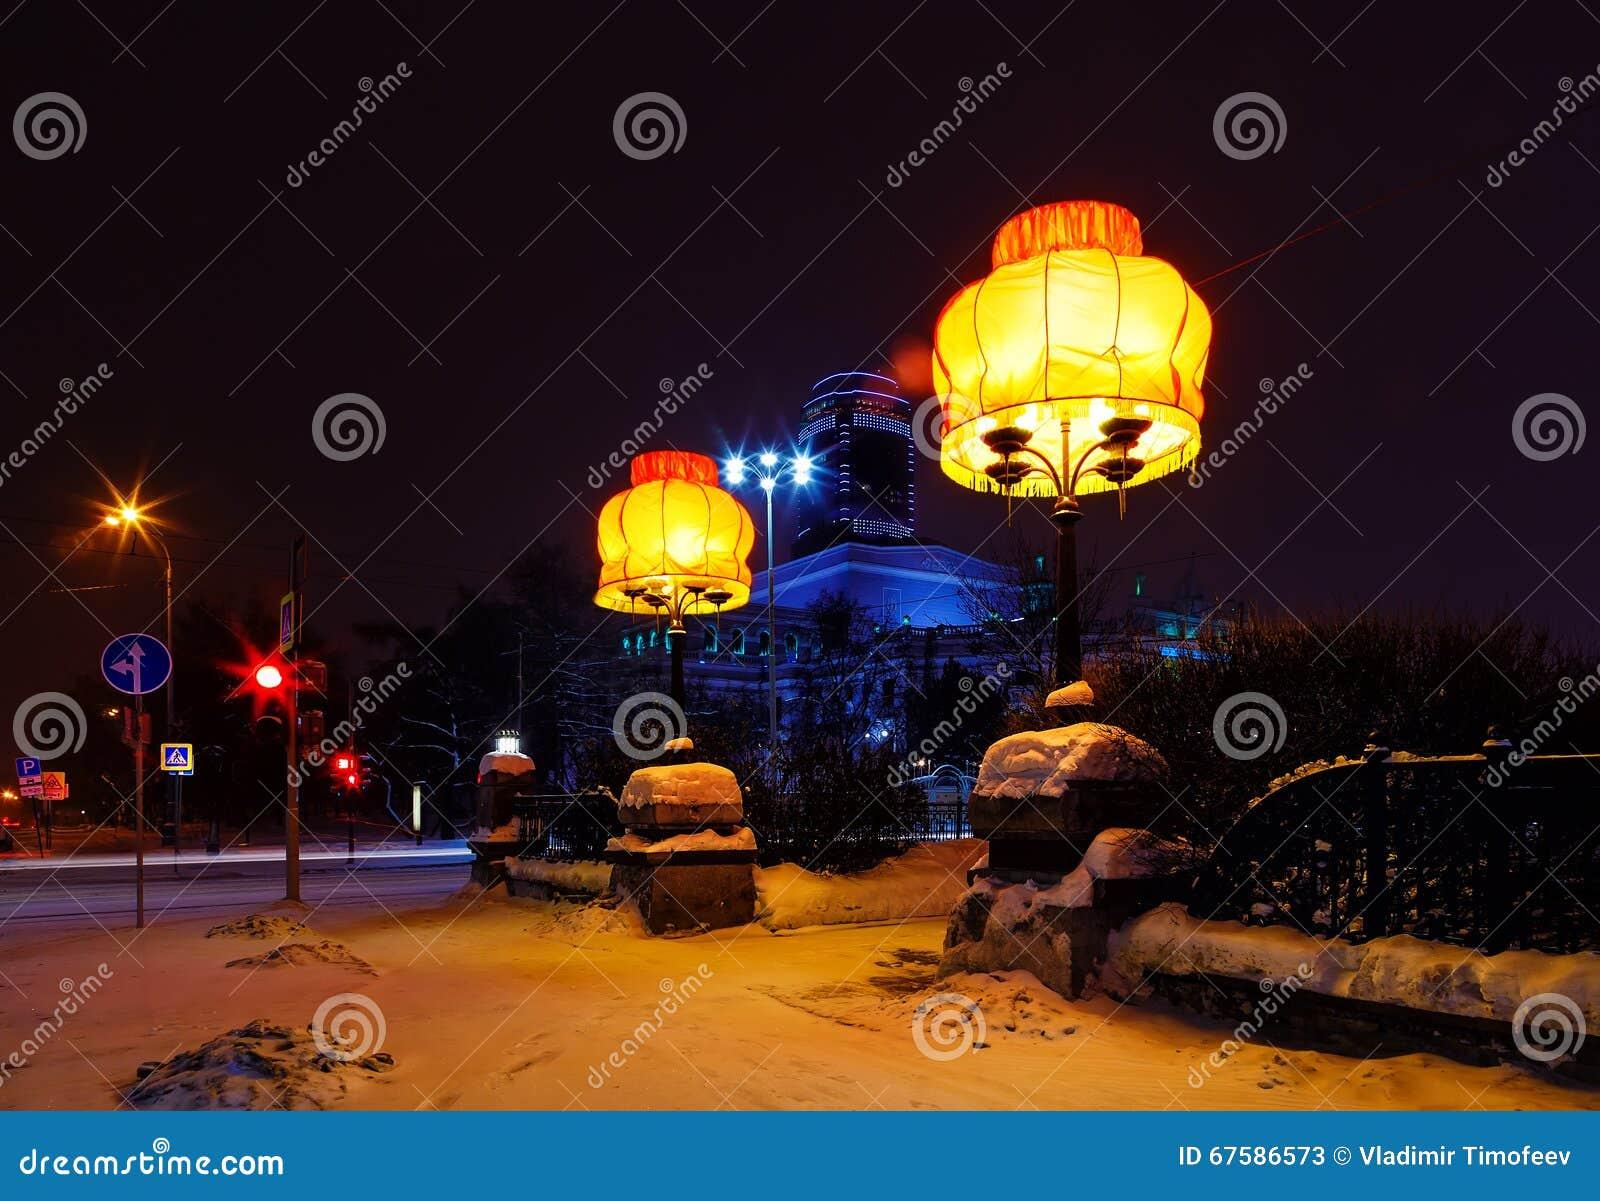 Lampenschirmnacht-Jekaterinburg-Designidee auf der Straße